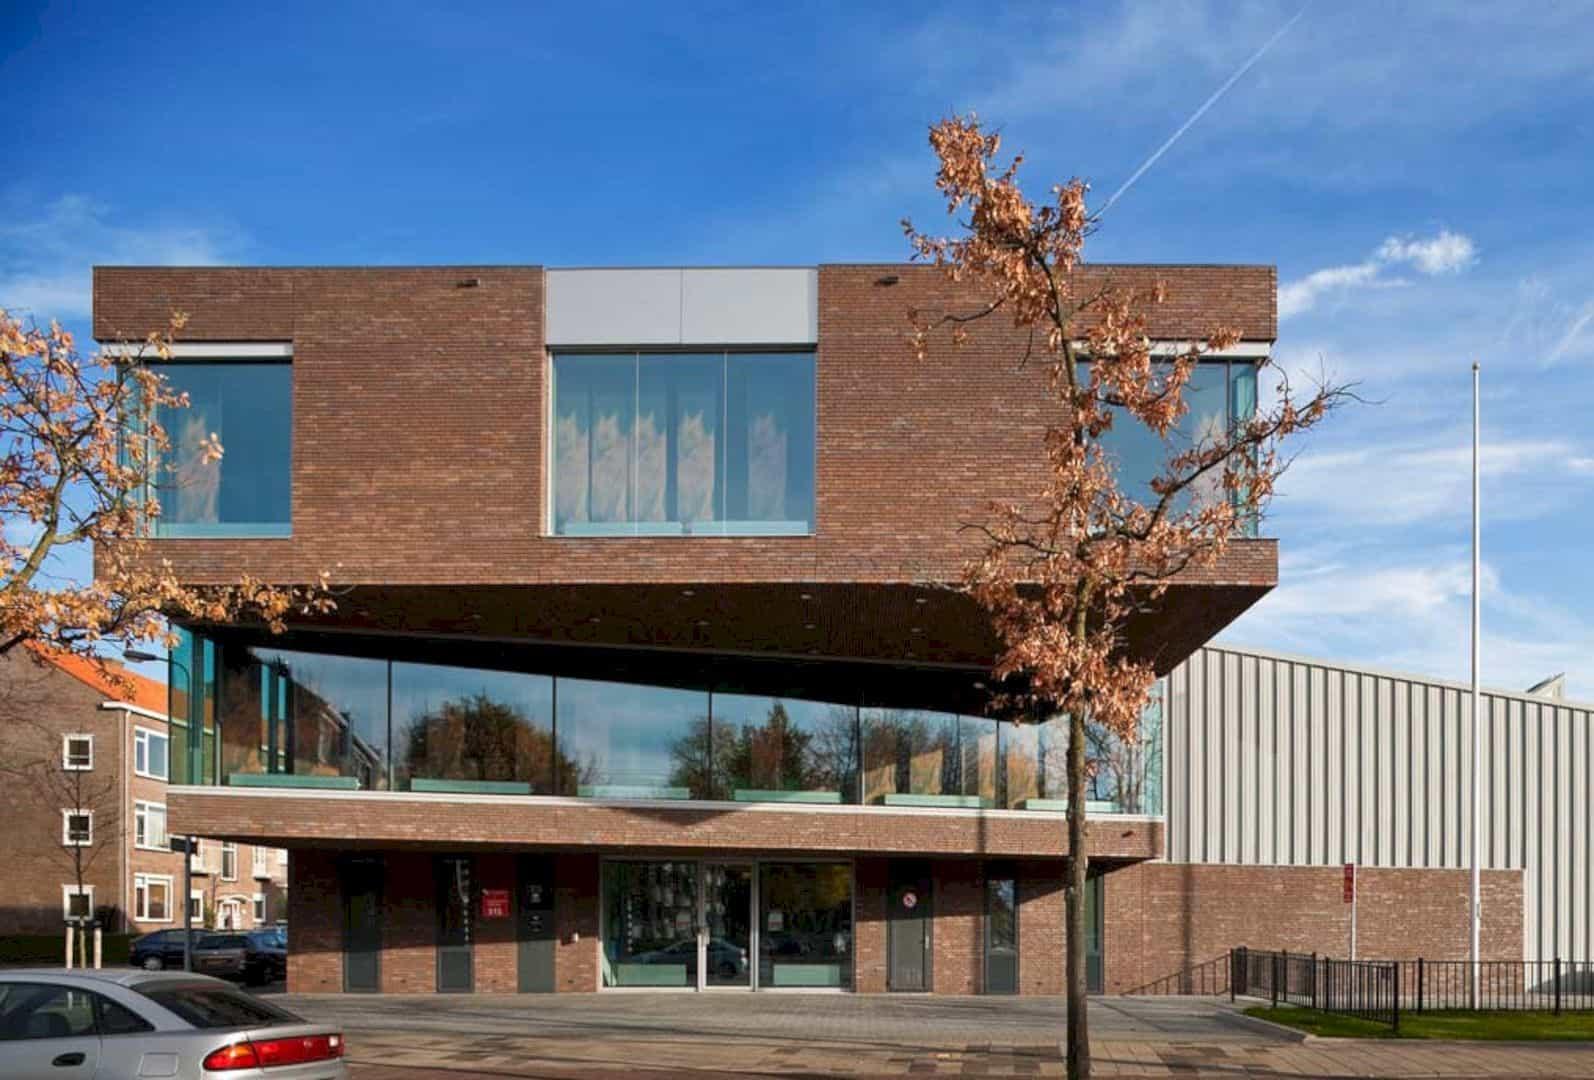 Fire Station Rijswijk By Jeanne Dekkers Architectuur 9